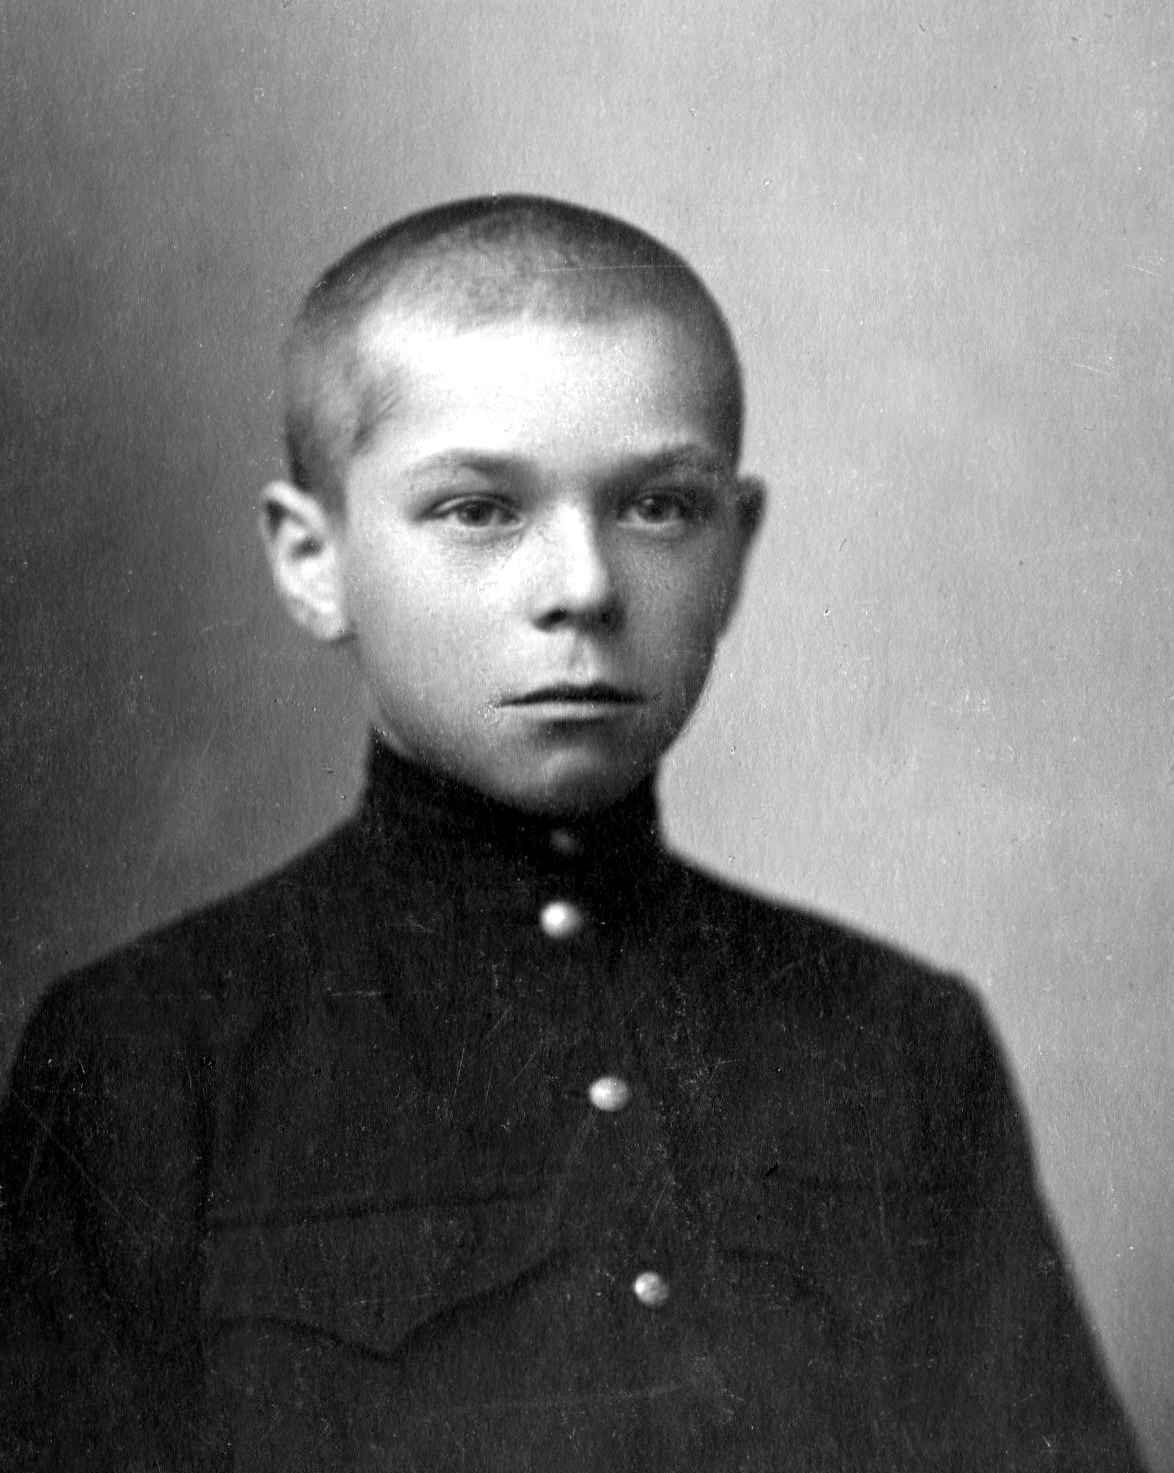 Экспонат #2. Владимир Бойков — ученик школы 2-й ступени в Немчиновке